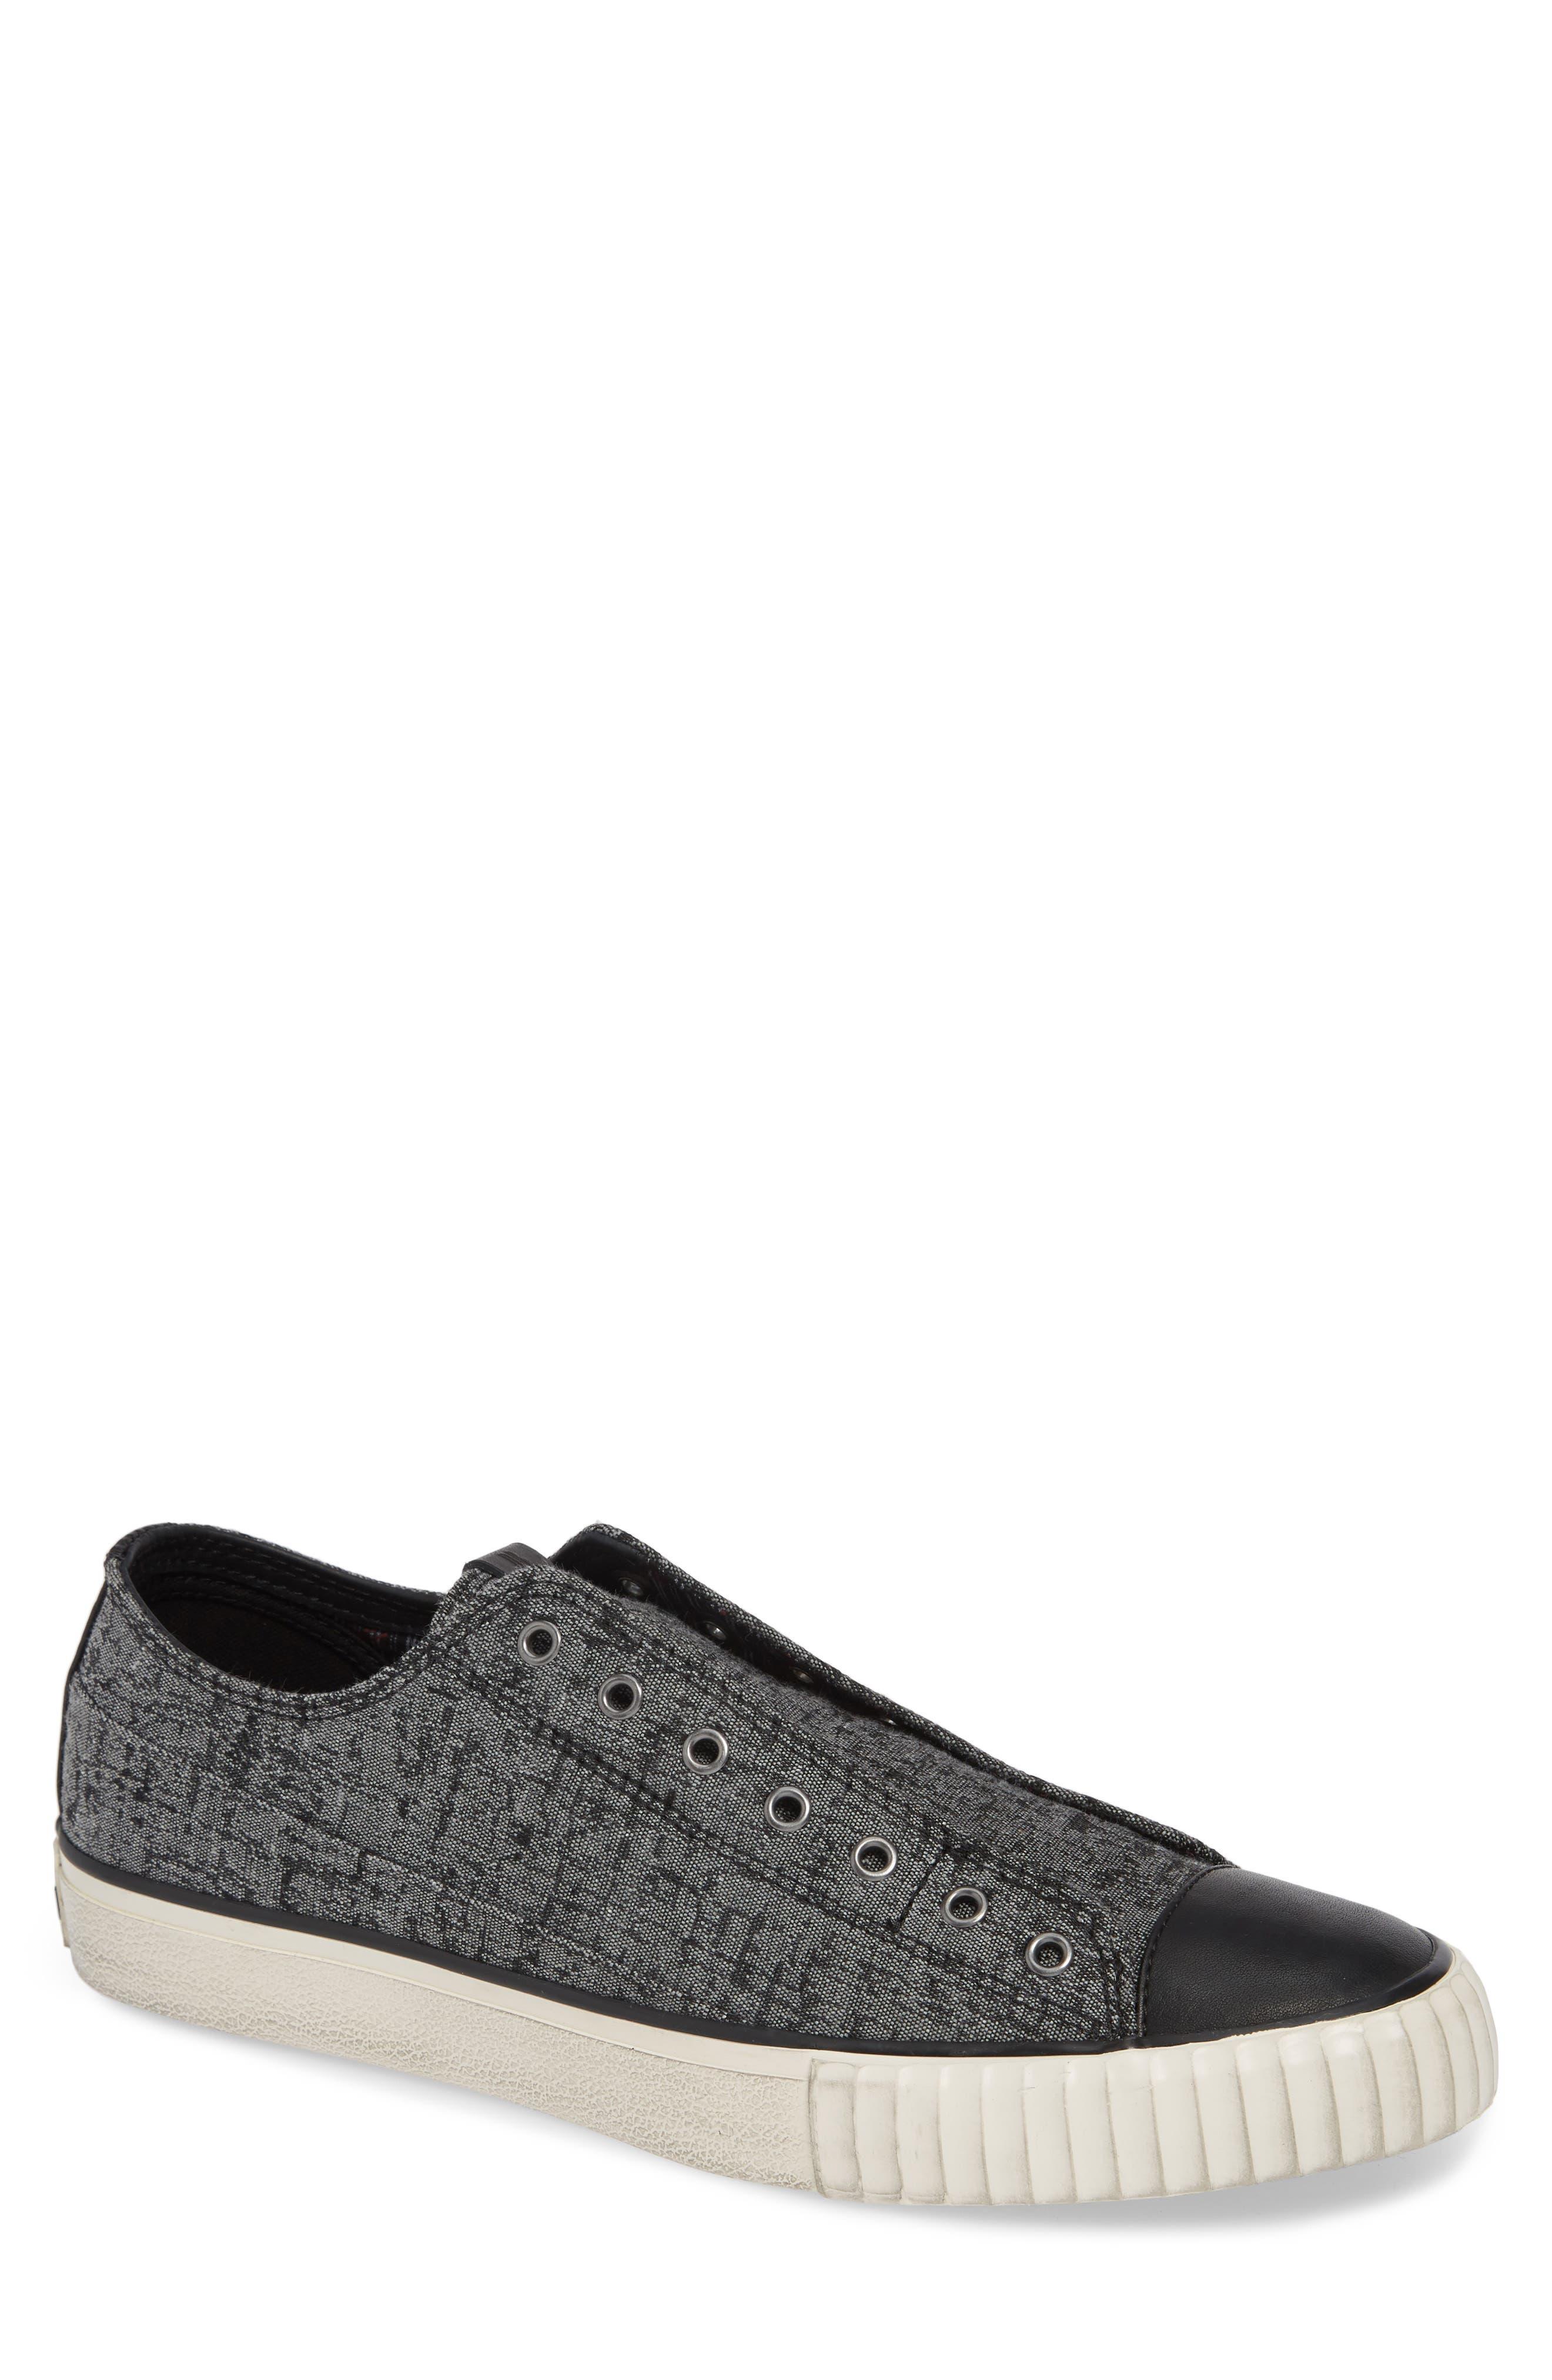 John Varvatos Star Usa Bootleg Laceless Sneaker, Grey